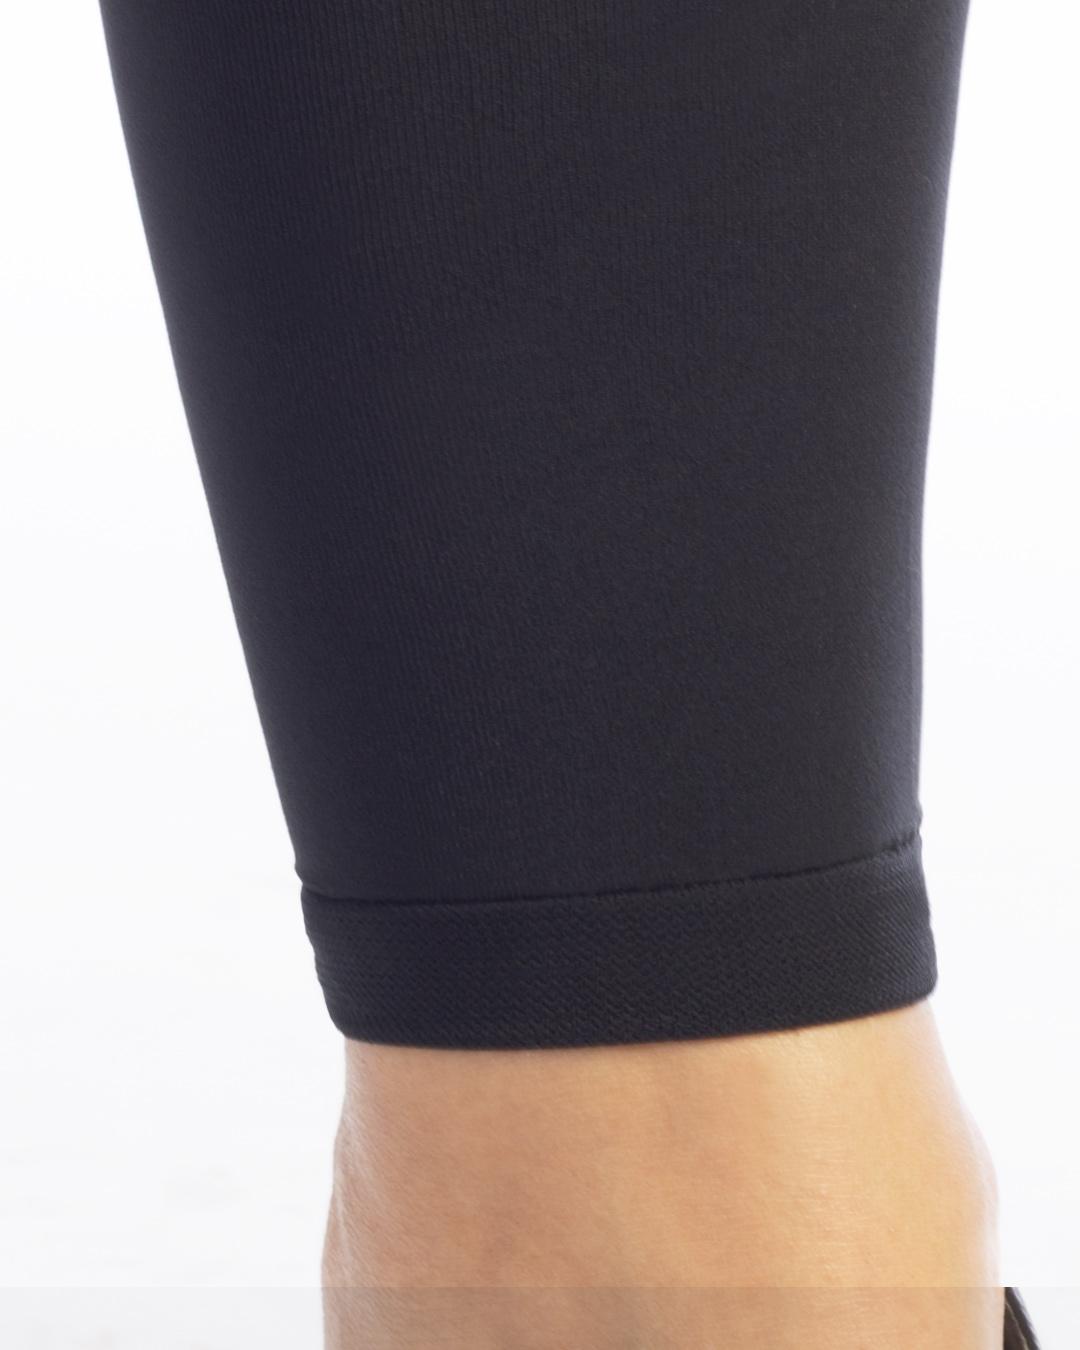 personalsize-leggings-venus-200-prd-02.jpg